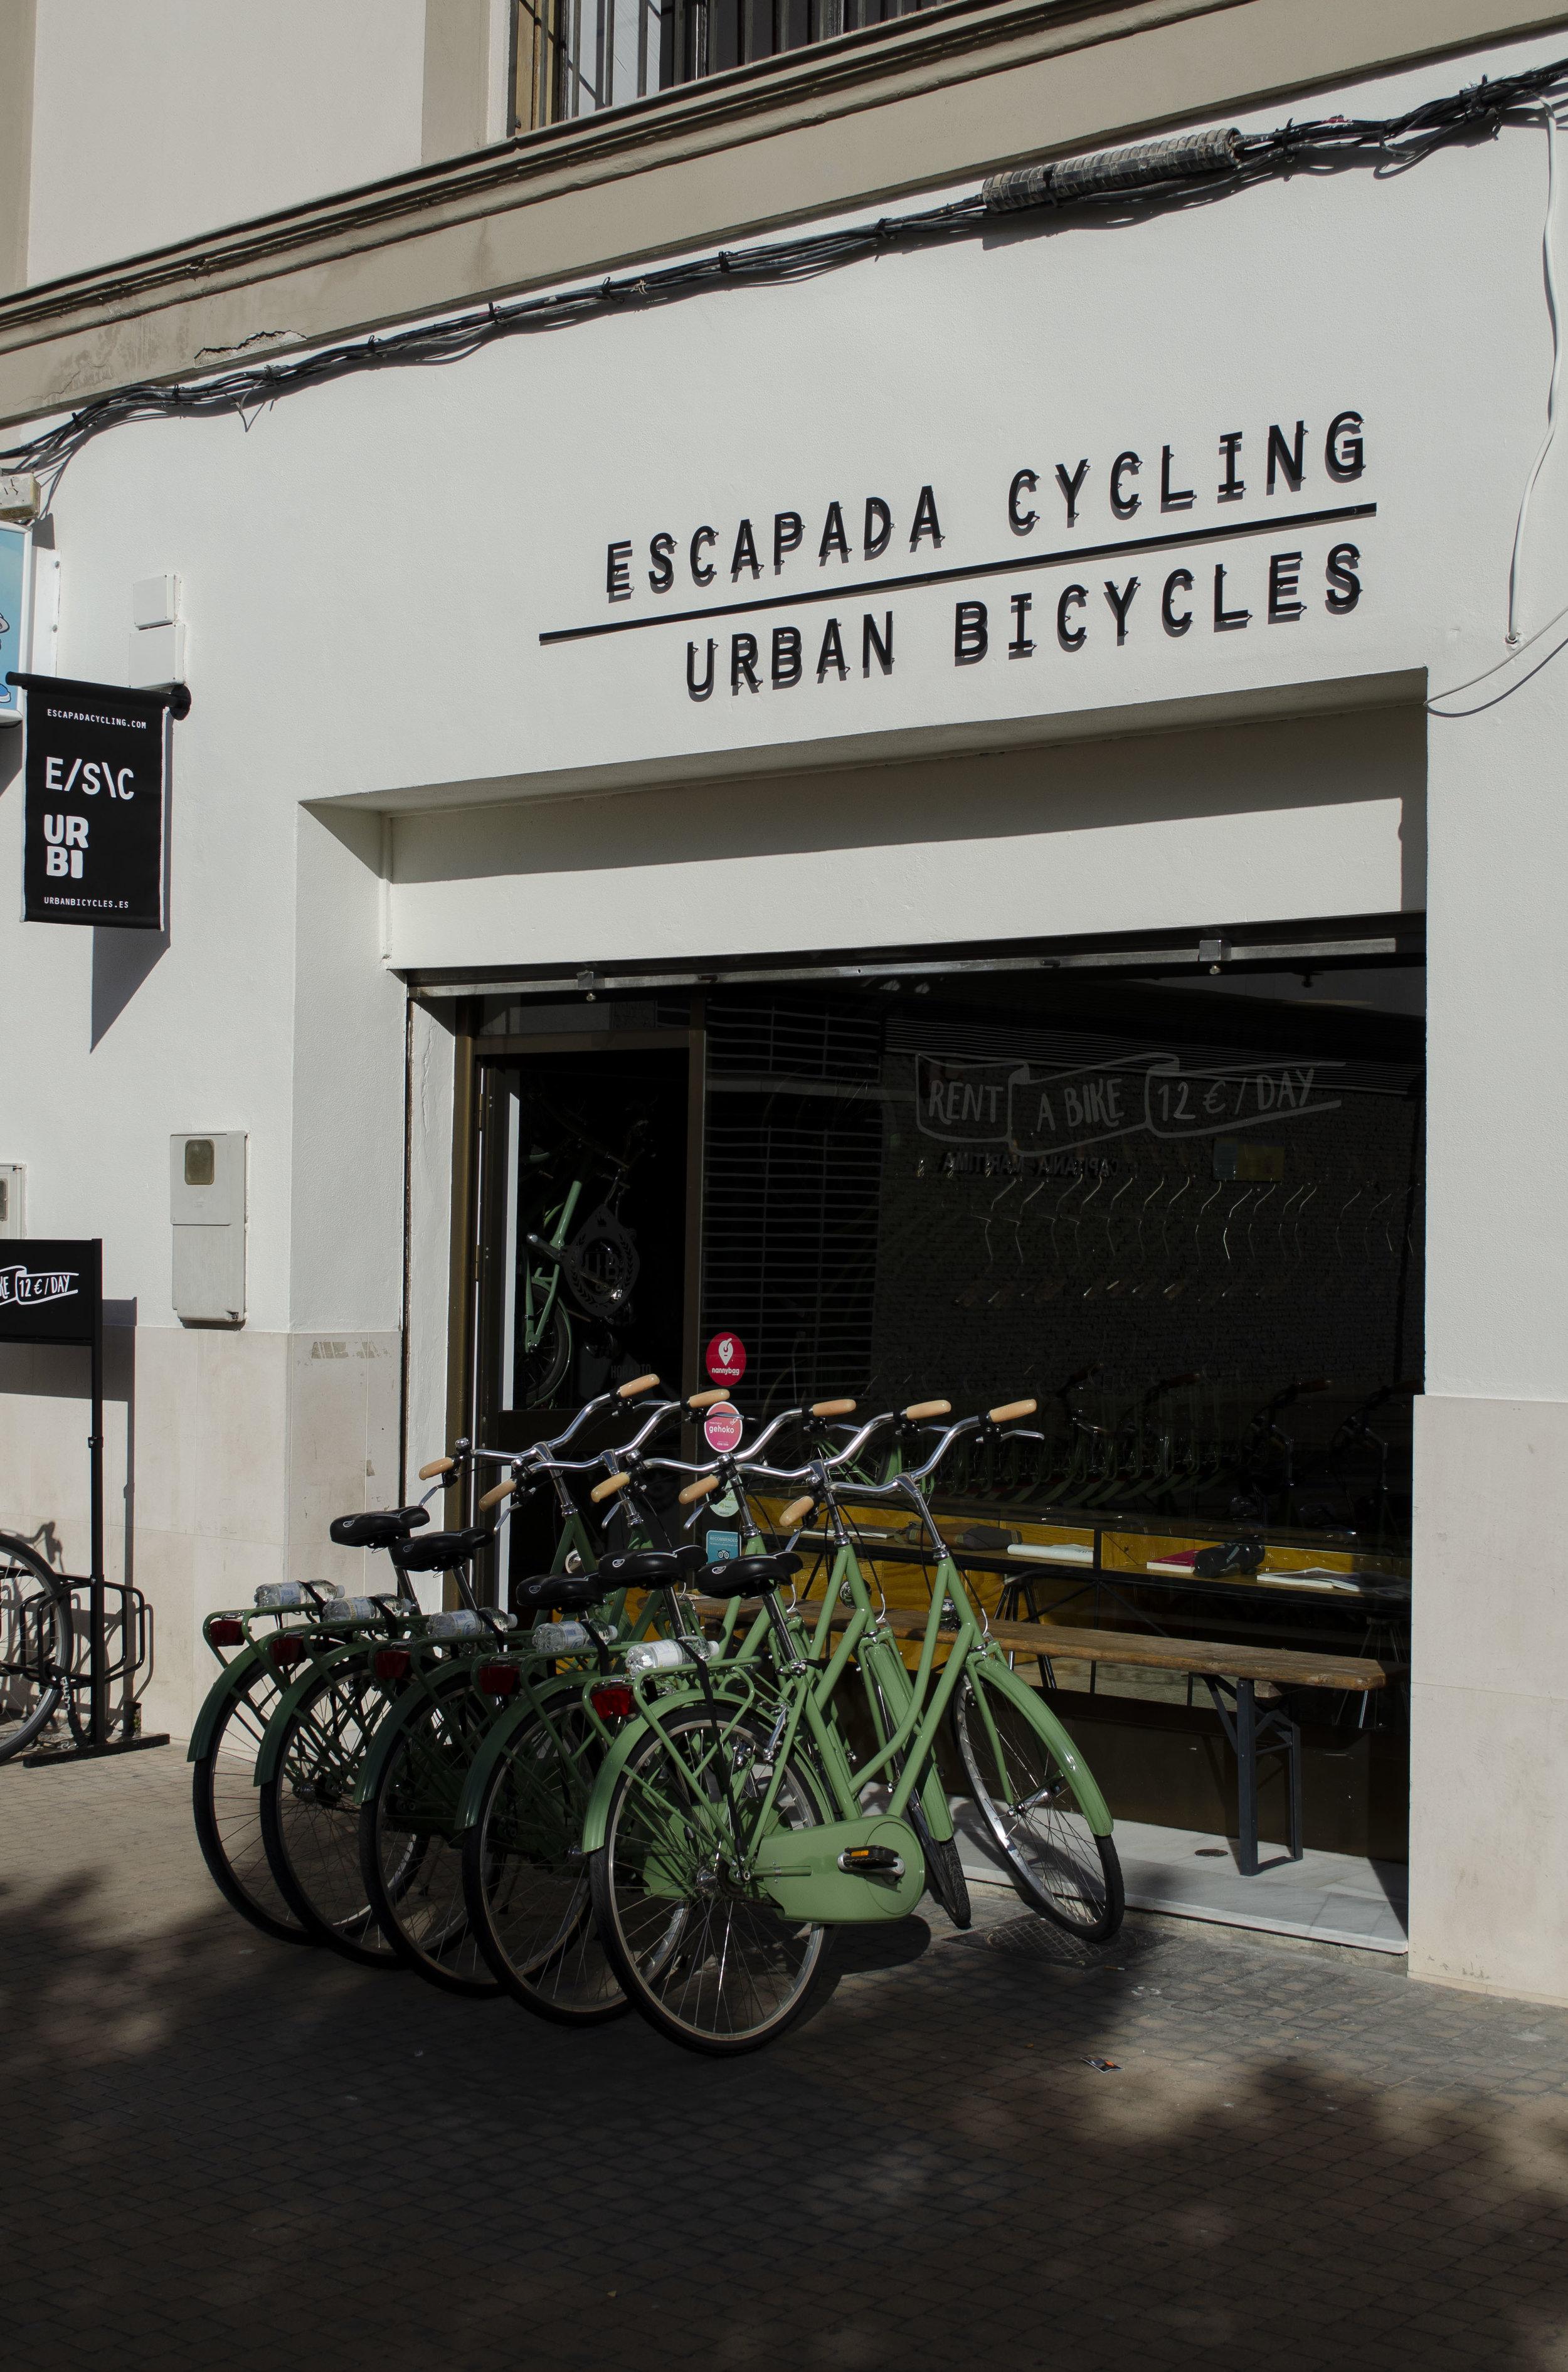 fietsverhhur in Malaga